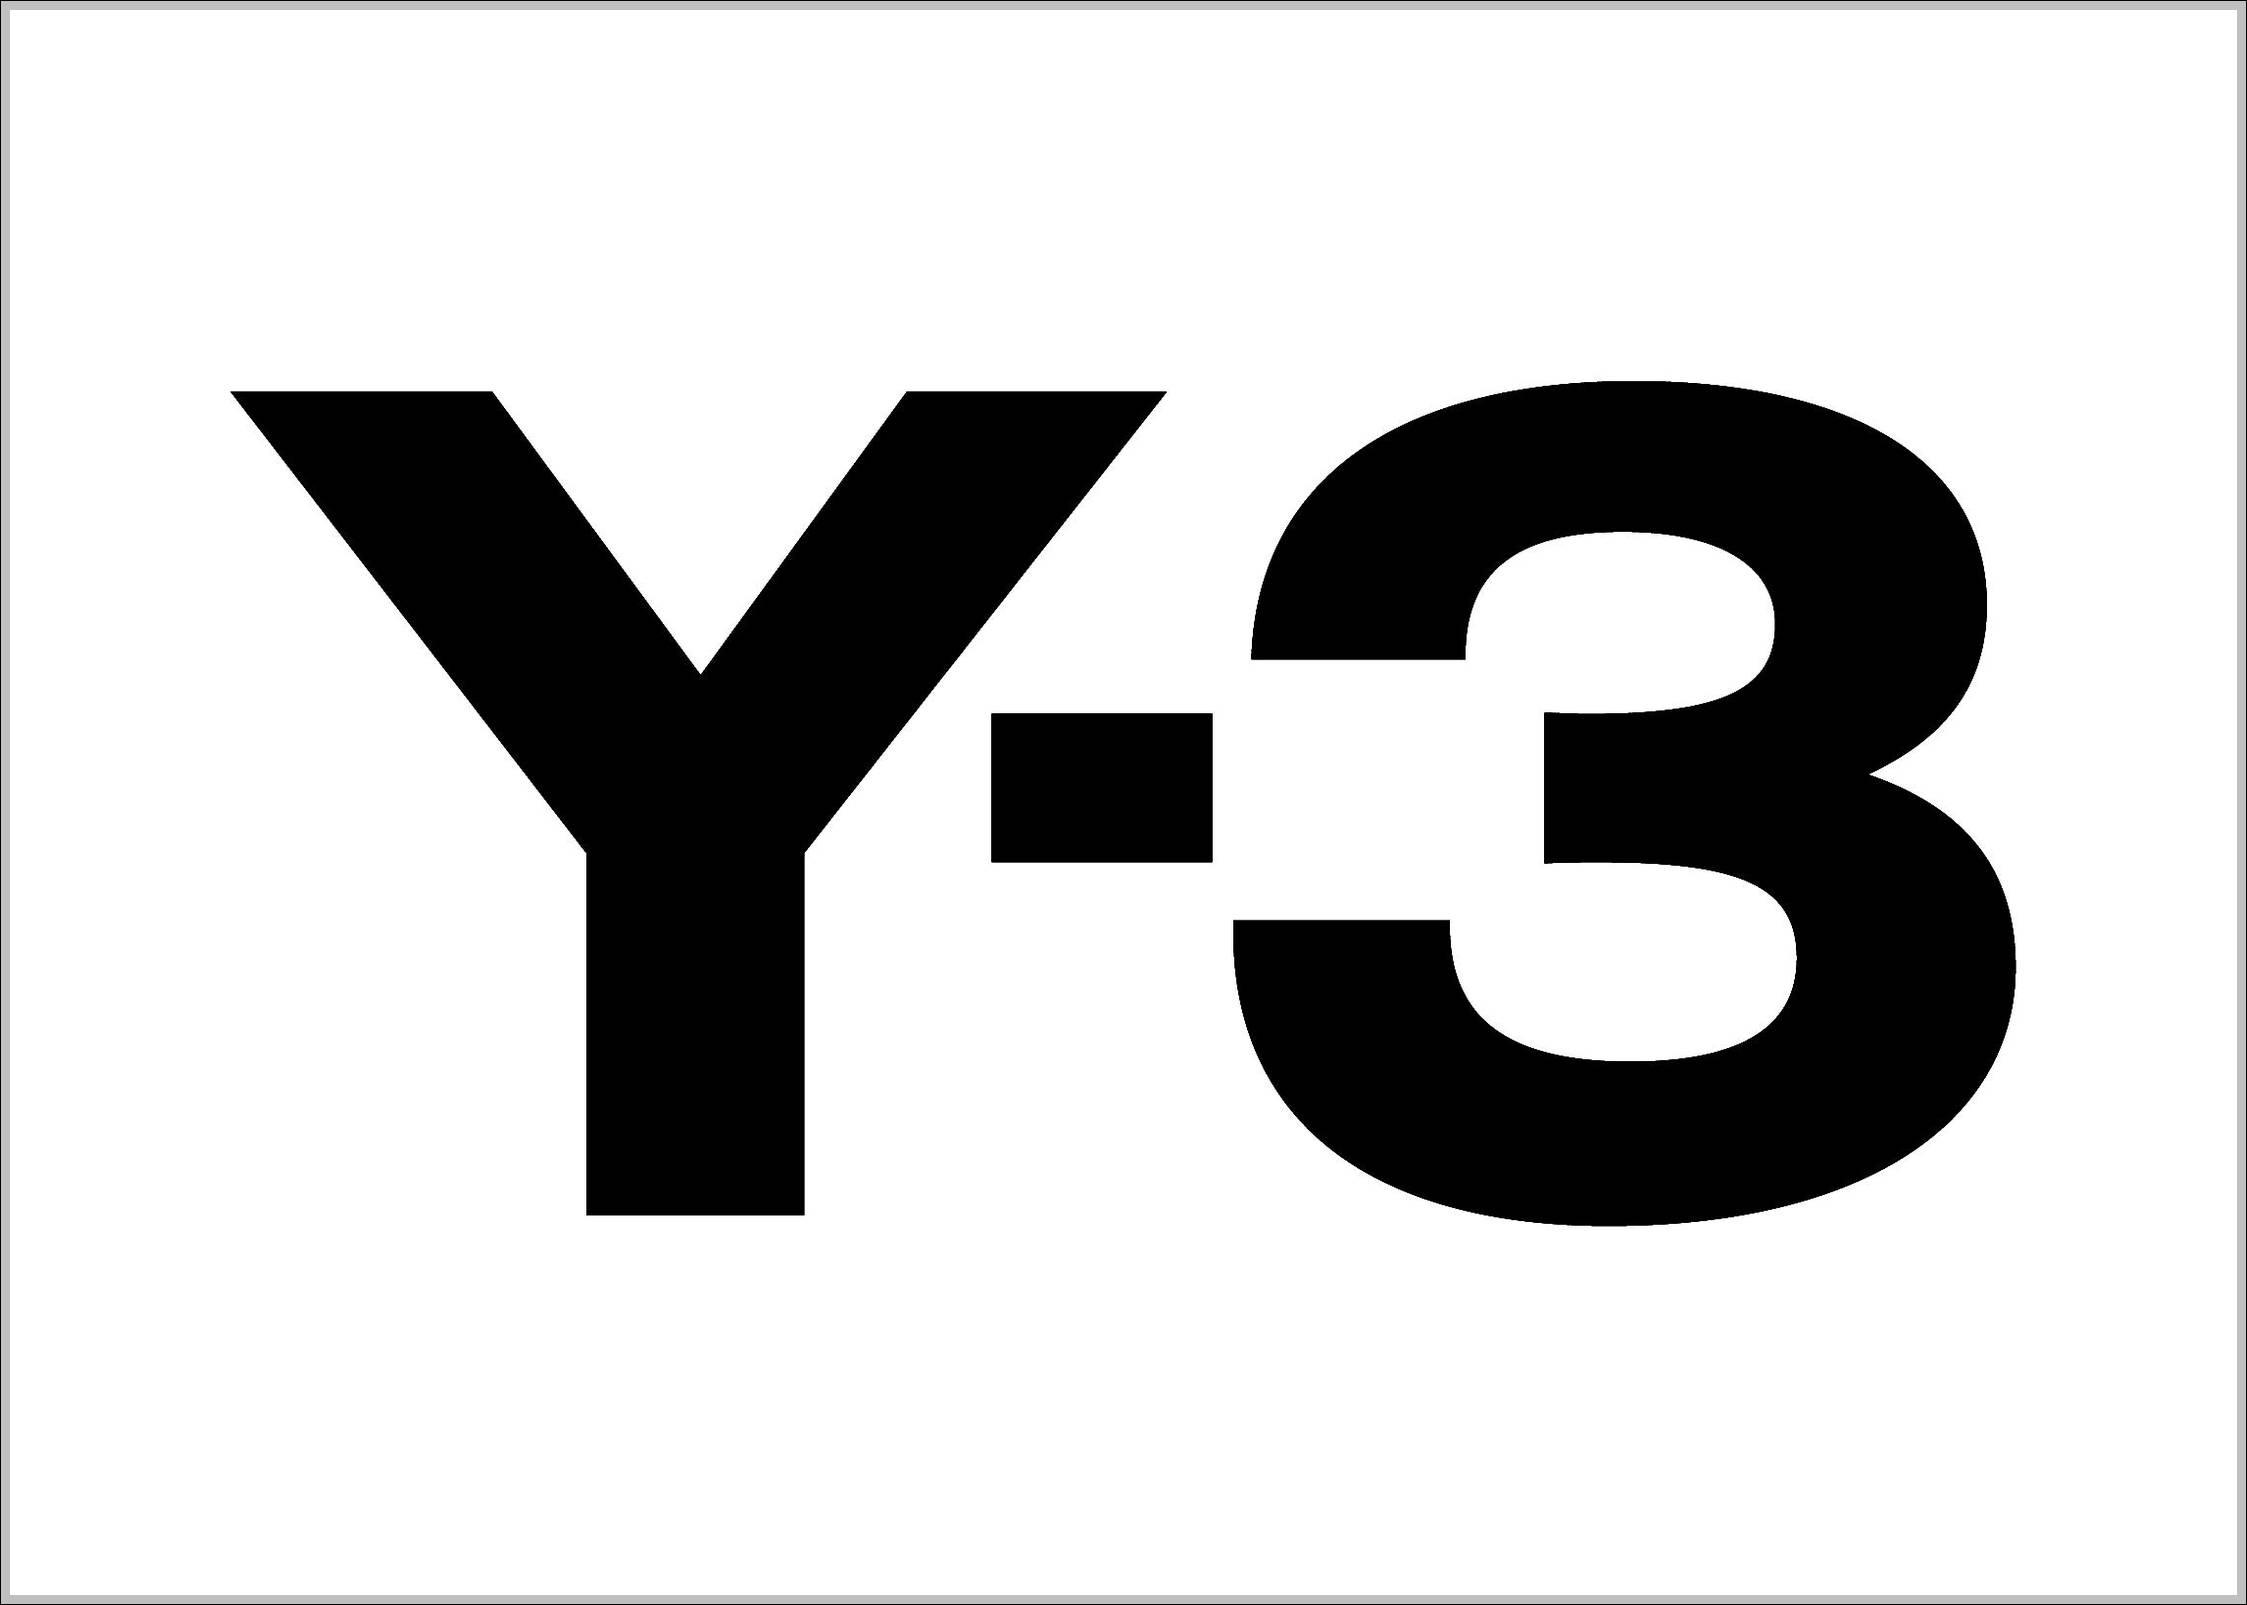 Y3 logo